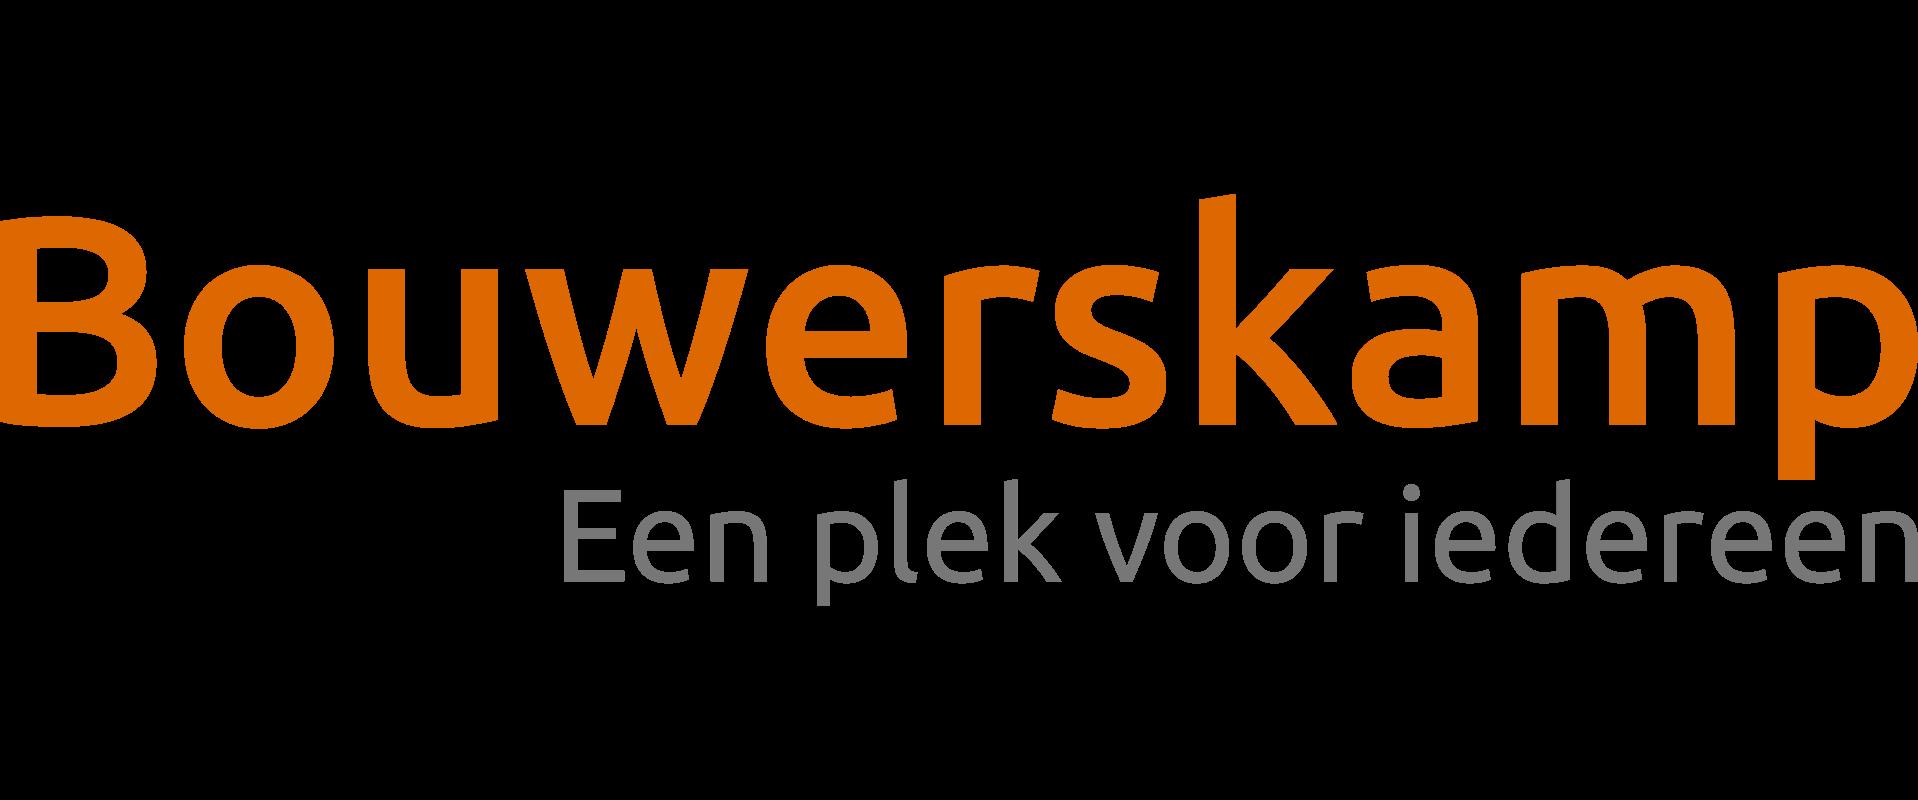 Bouwerskamp